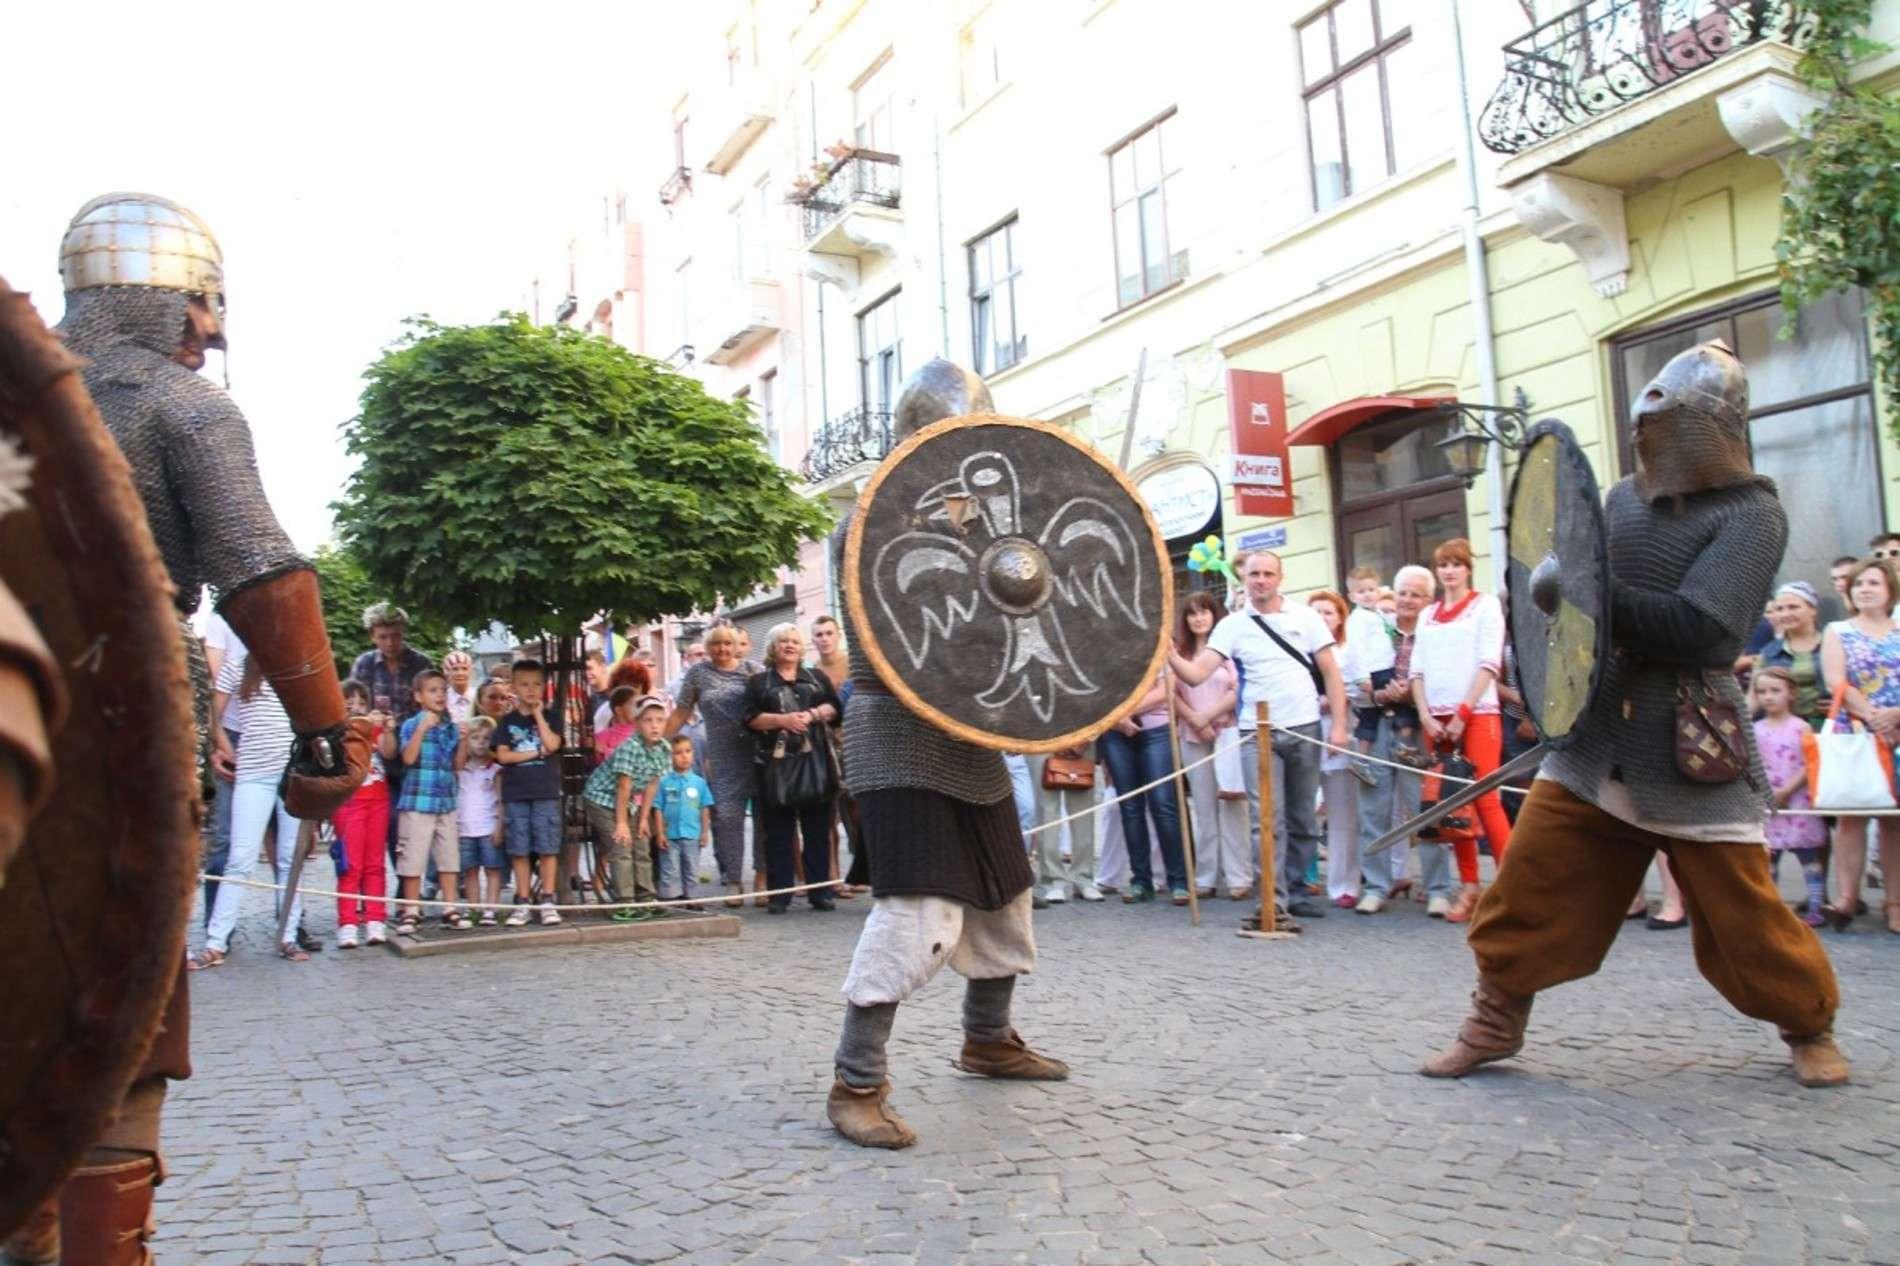 Вікінги у Чернівцях влаштували шоу з музикою і боями на мечах